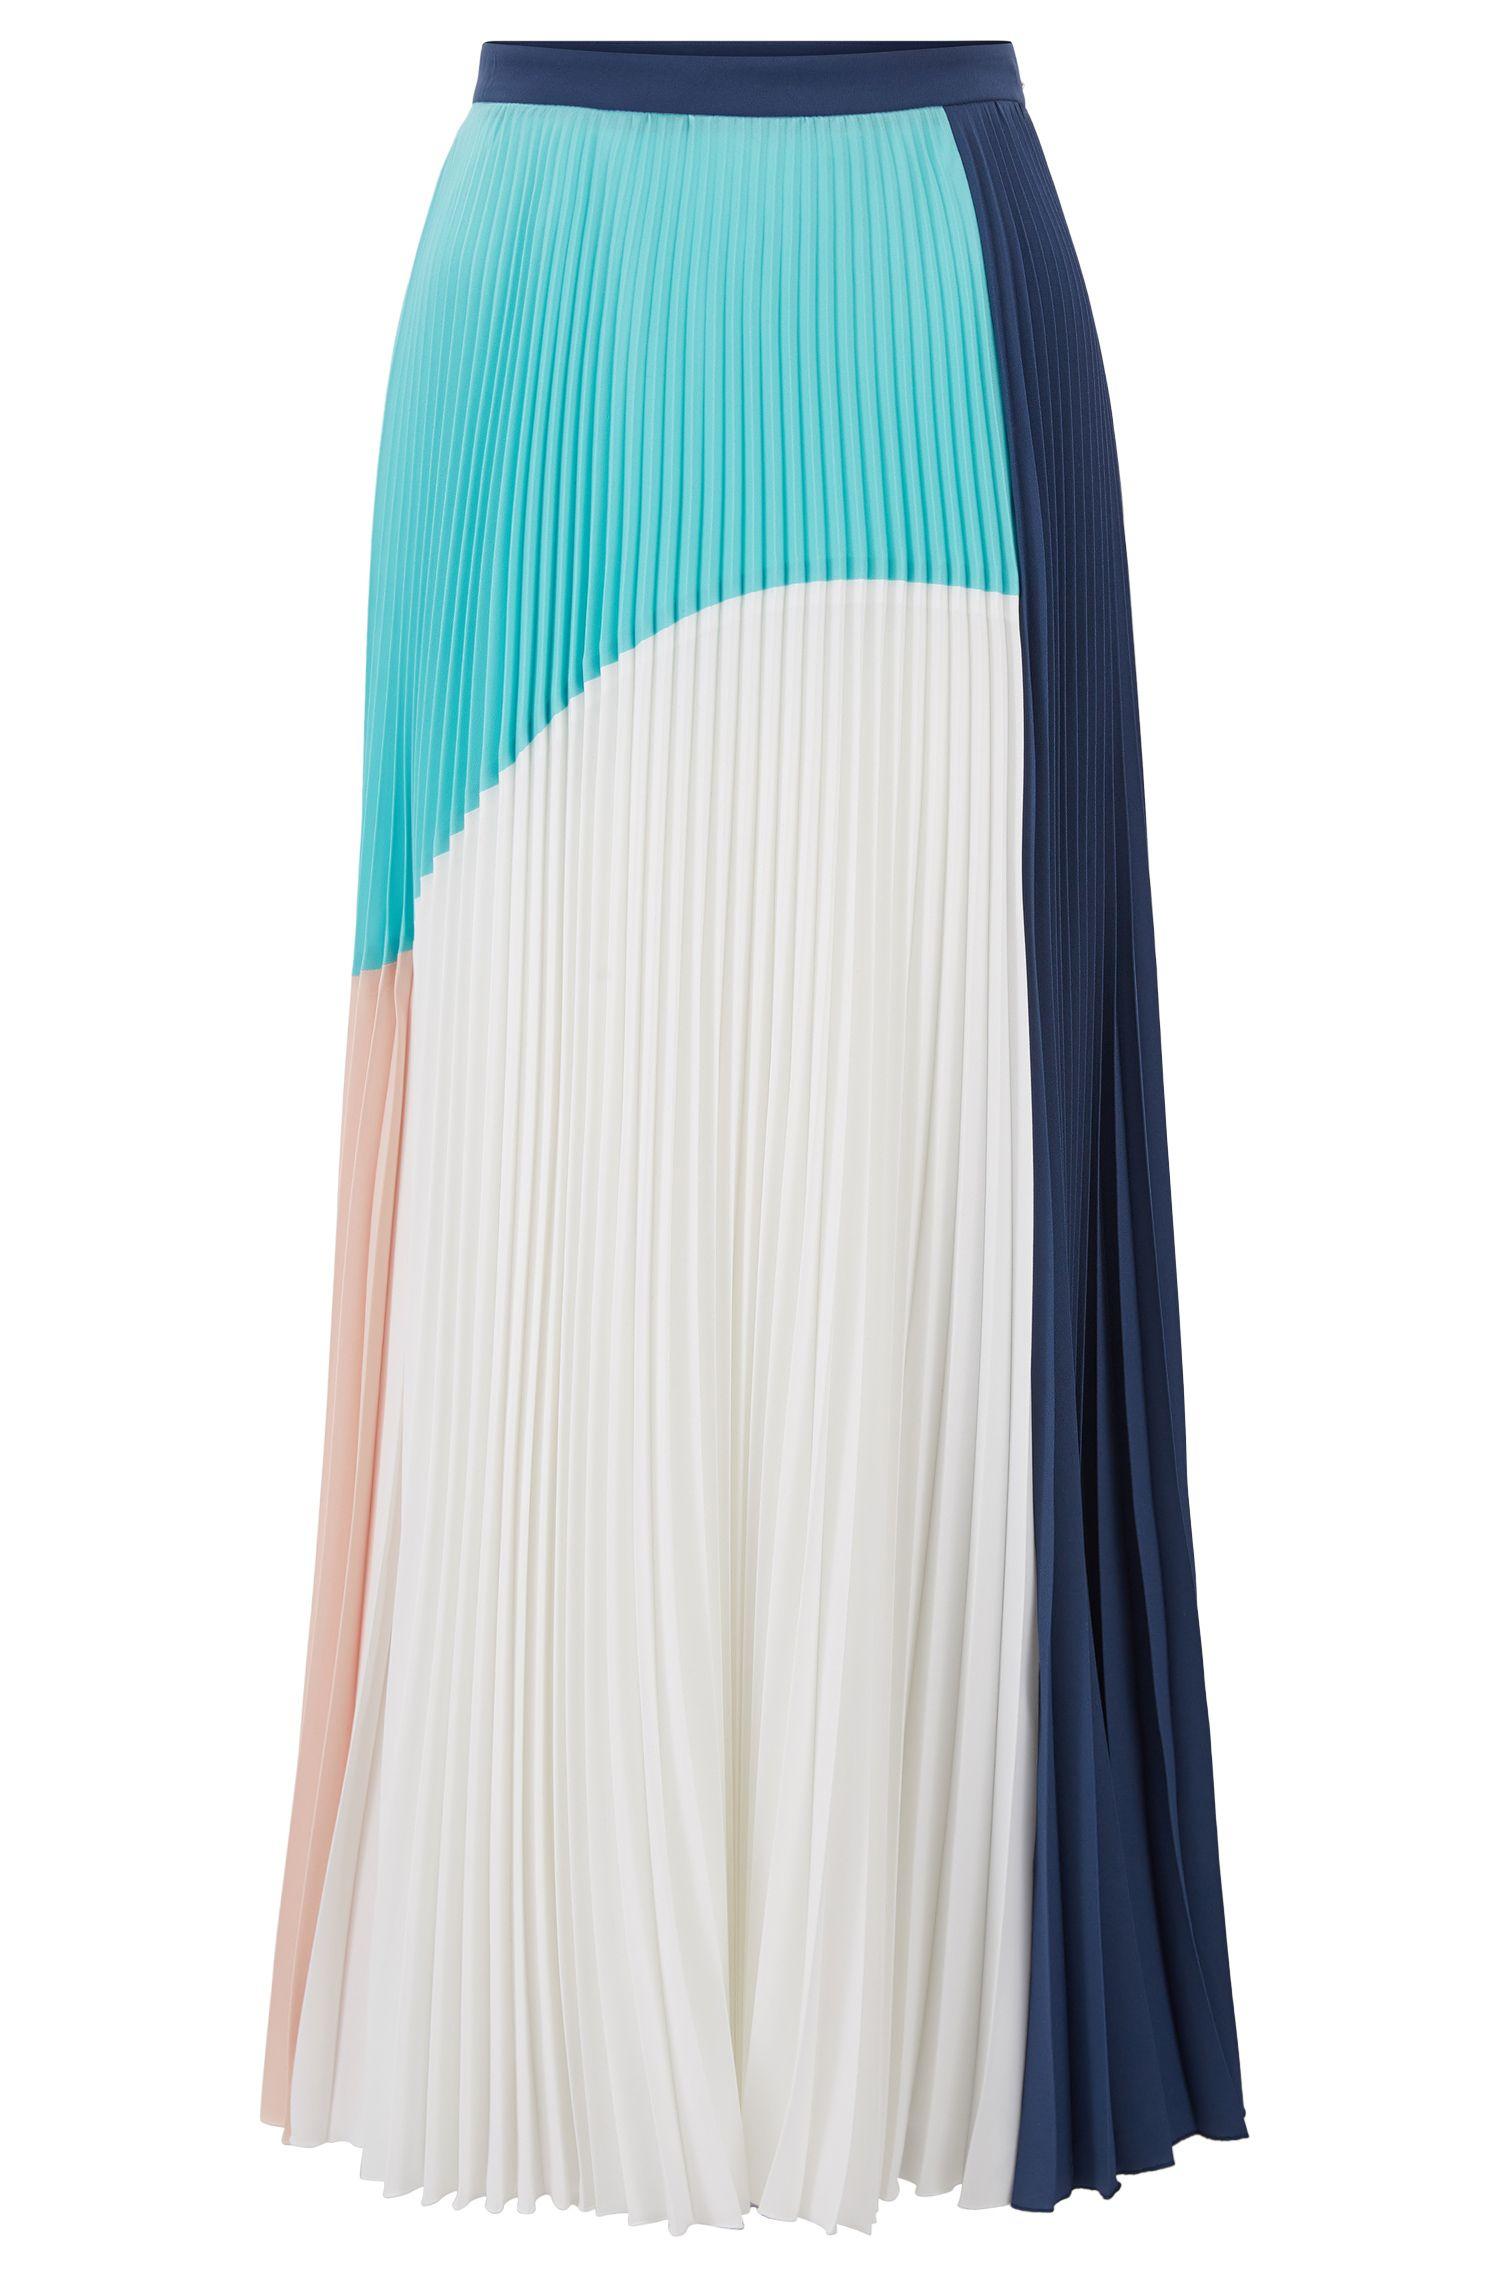 Plissee-Maxirock aus elastischem Material-Mix aus der Gallery Kollektion